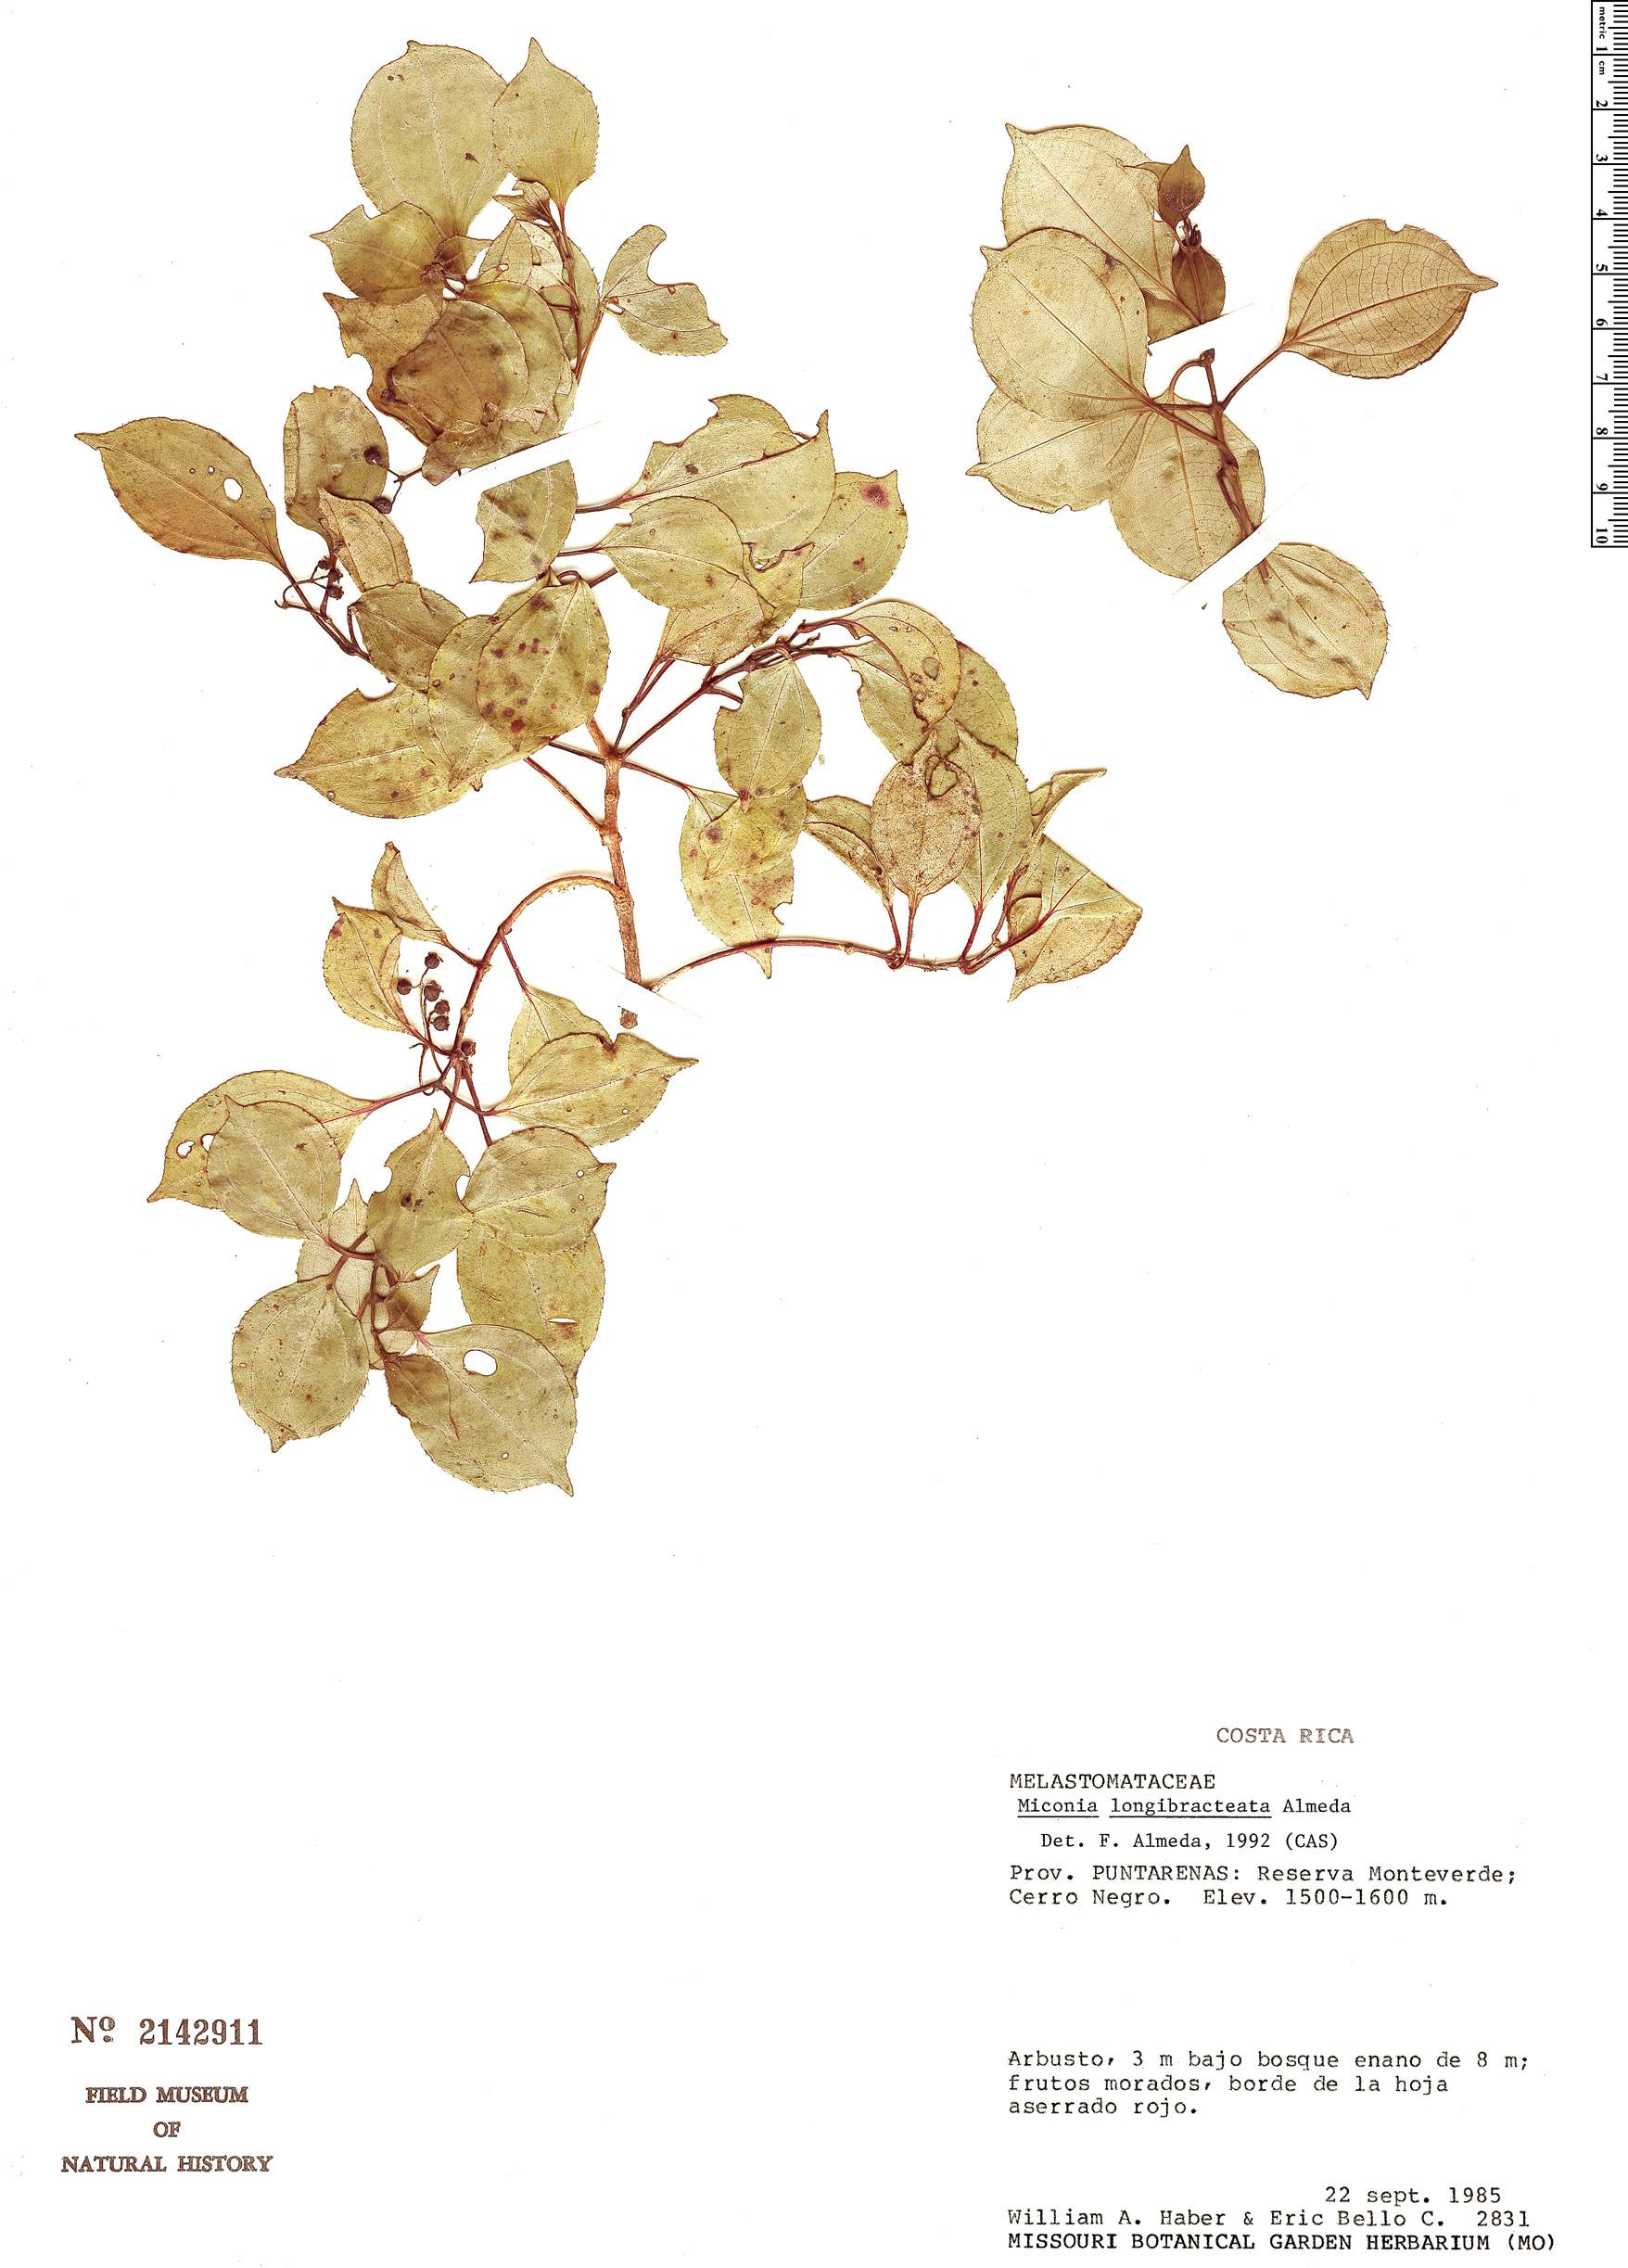 Espécimen: Miconia longibracteata